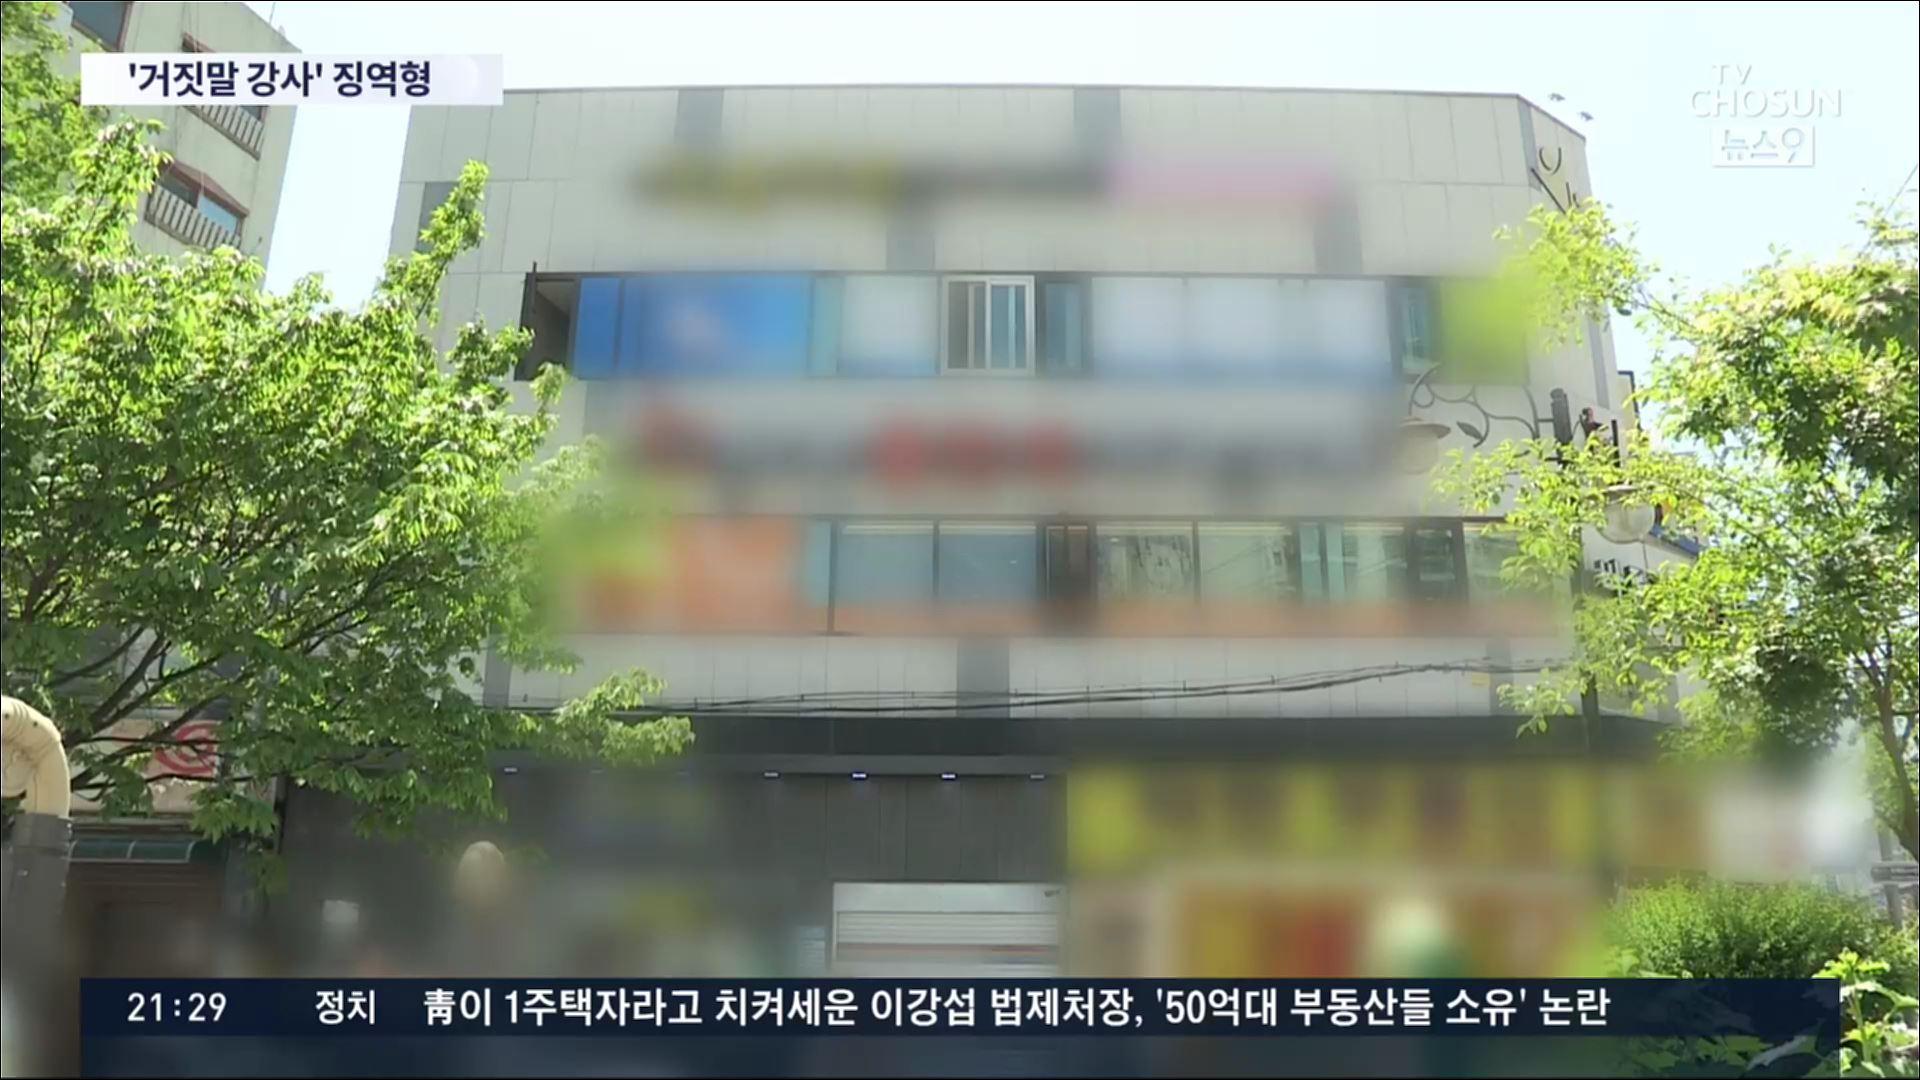 20번 넘게 거짓말…'7차 감염' 부른 인천 강사 징역 6개월